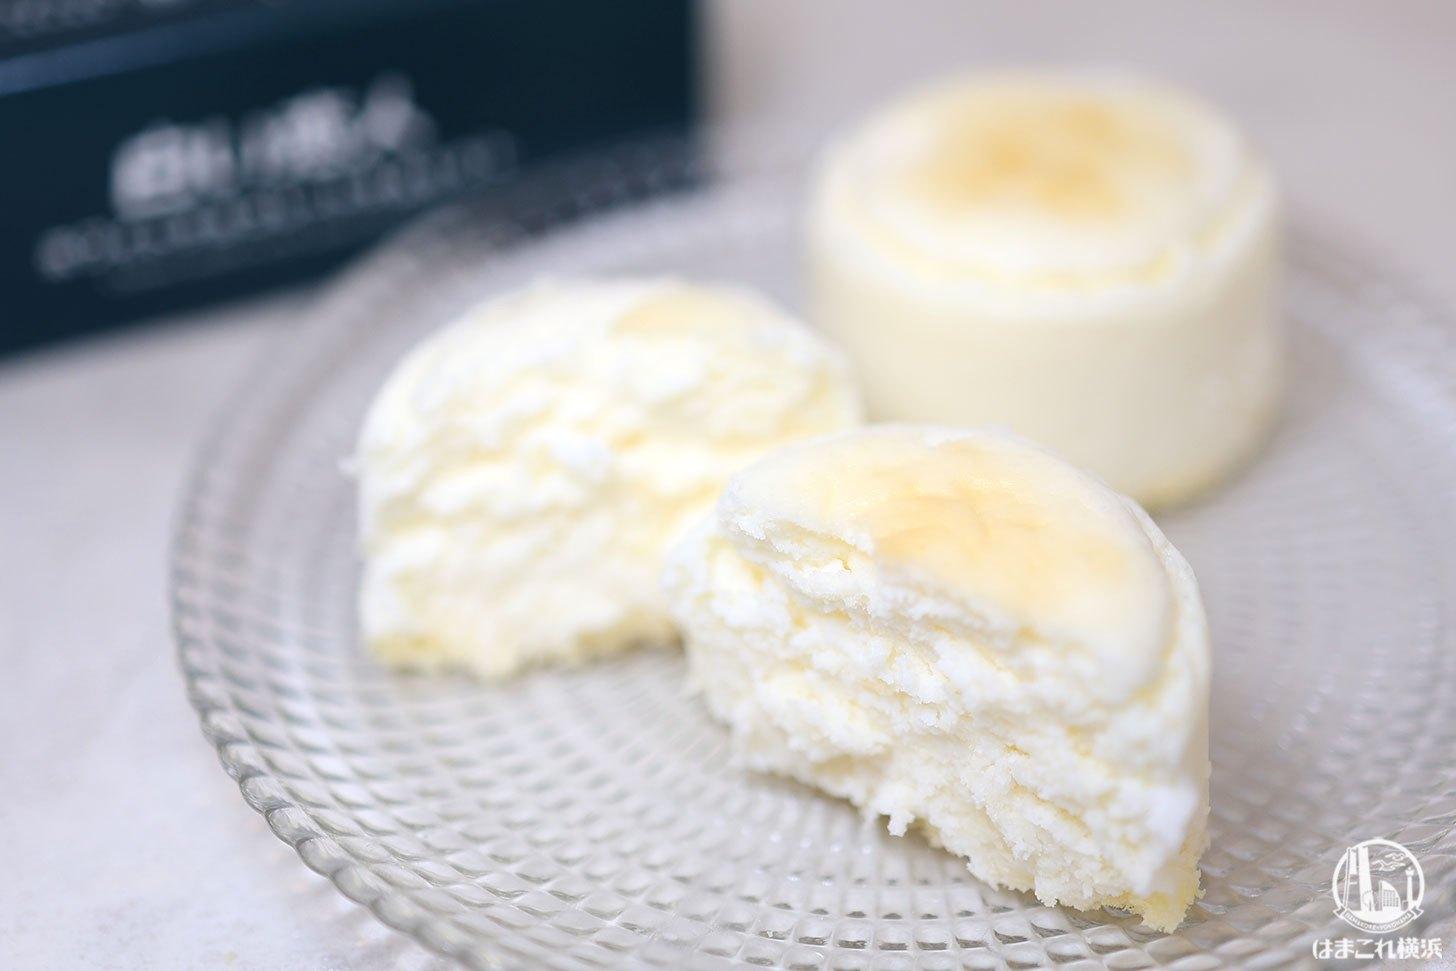 白い恋人ホワイトチョコレートオムレットは期待超える旨スイーツ!そごう横浜店